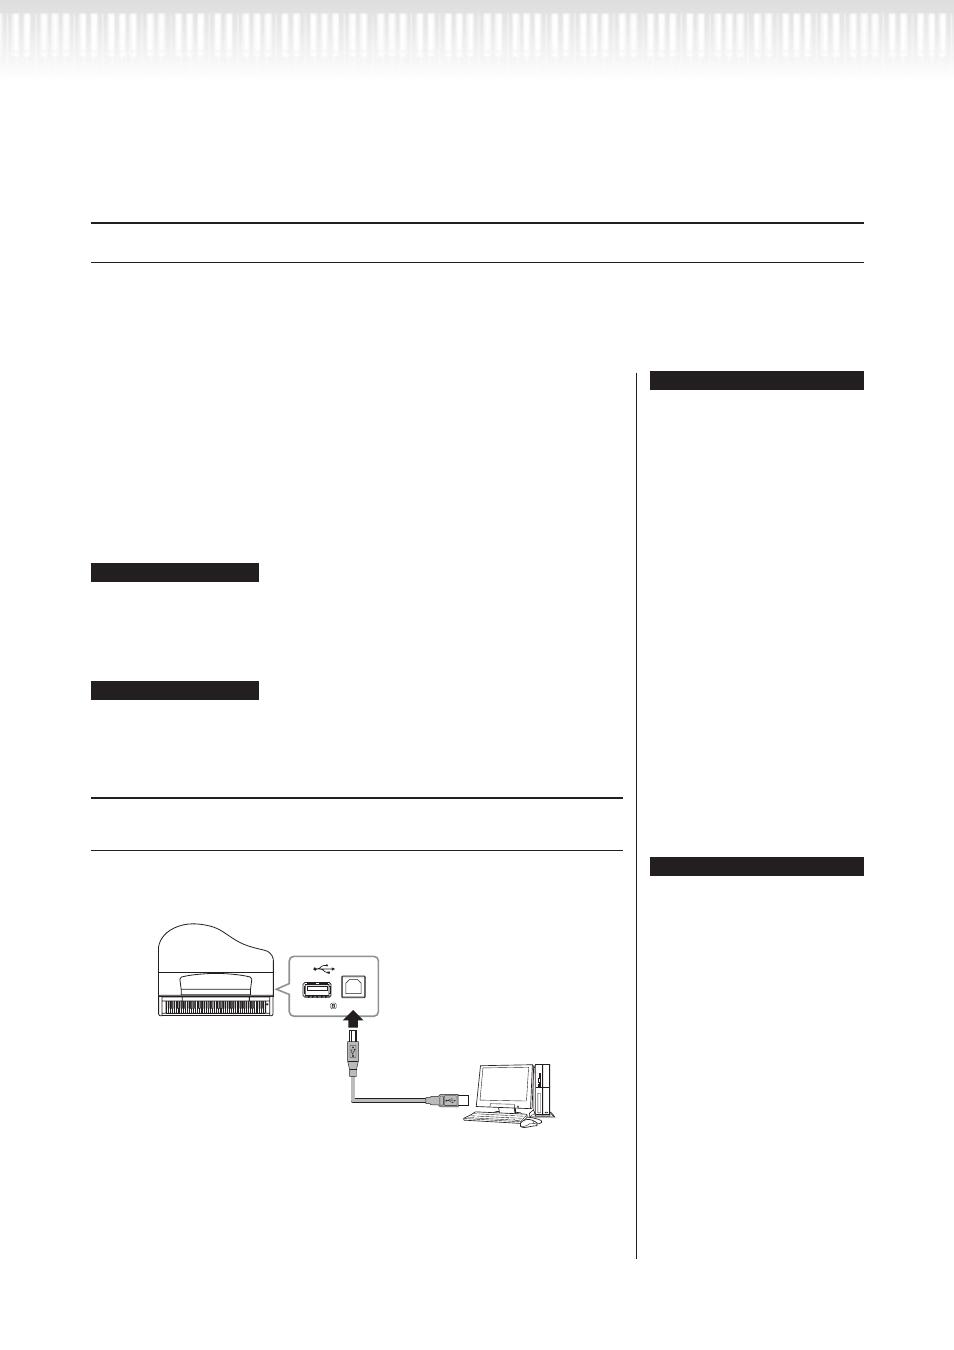 Инструкции по эксплуатации персонального компьютера